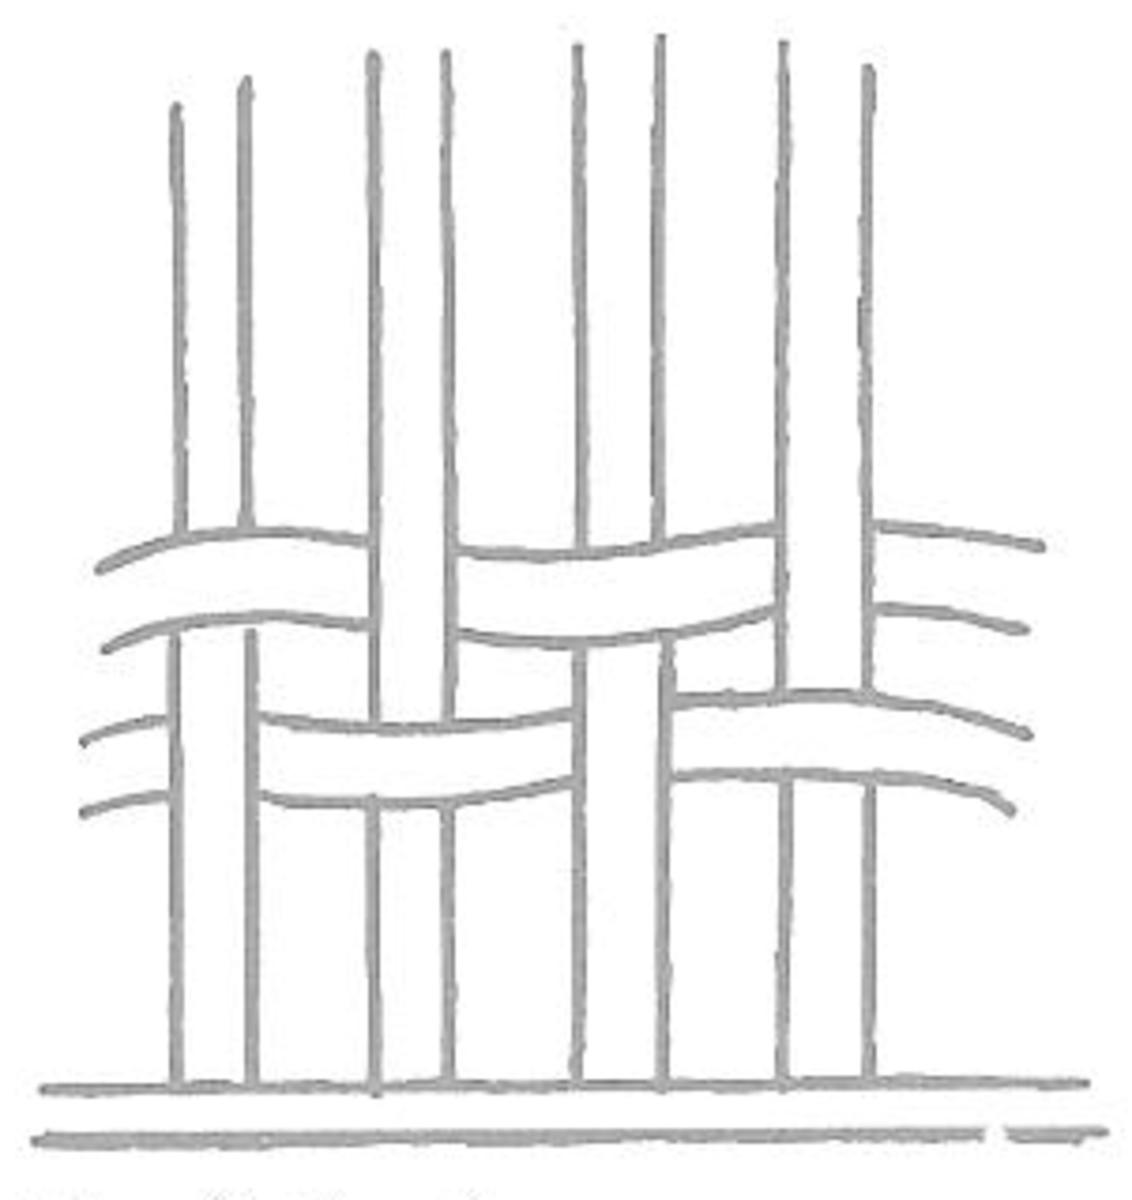 Figure 2: Randing